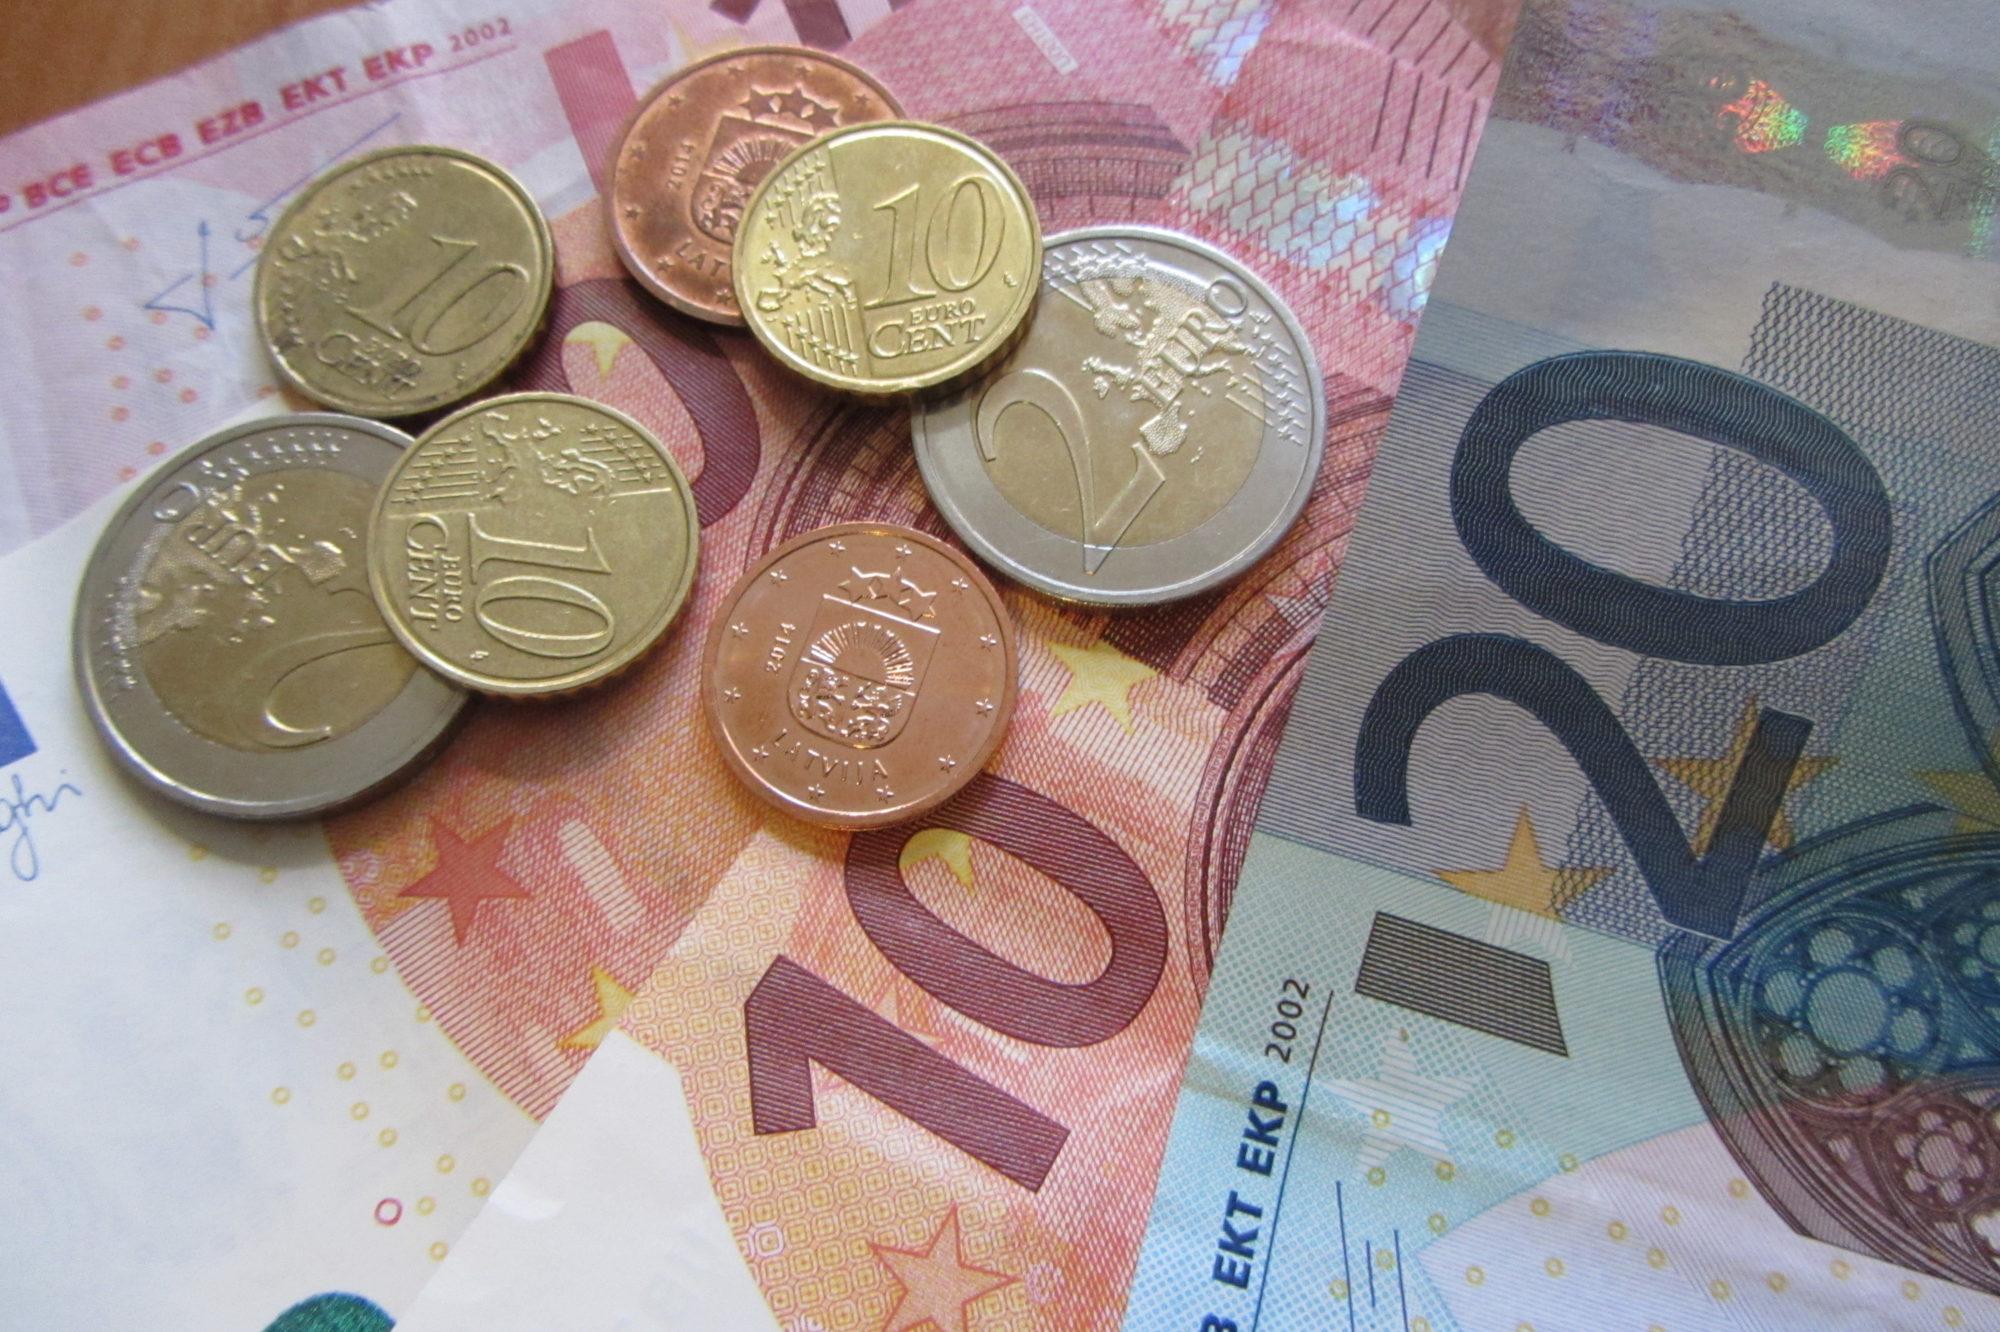 Piedāvā palielināt ģimenes valsts pabalstu, maksimālās papildu izmaksas lēšot 97 miljonu eiro apmērā